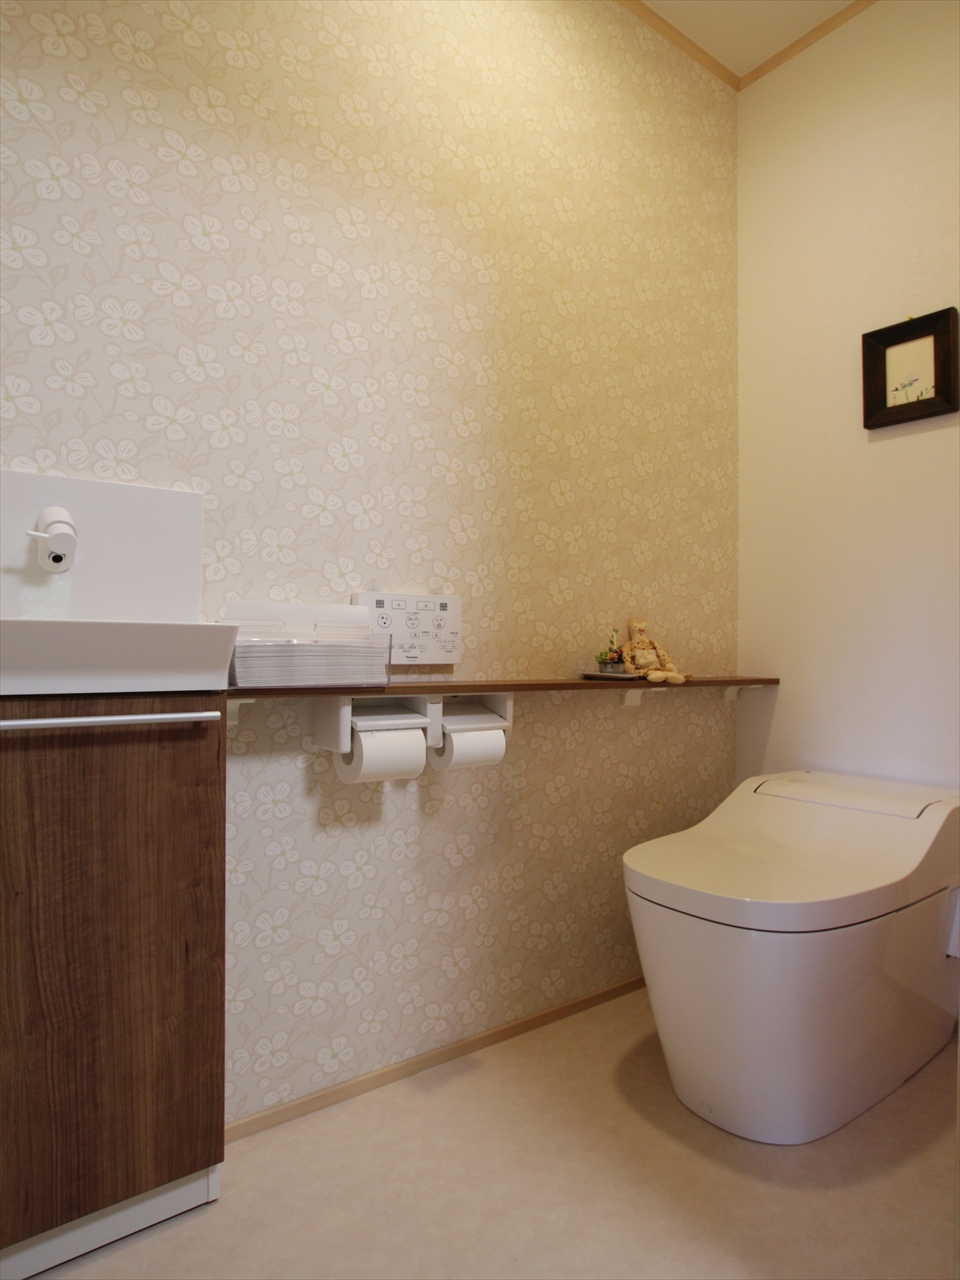 トイレが一カ所増えました。今話題のアラウーノがお客様をお出迎えします。